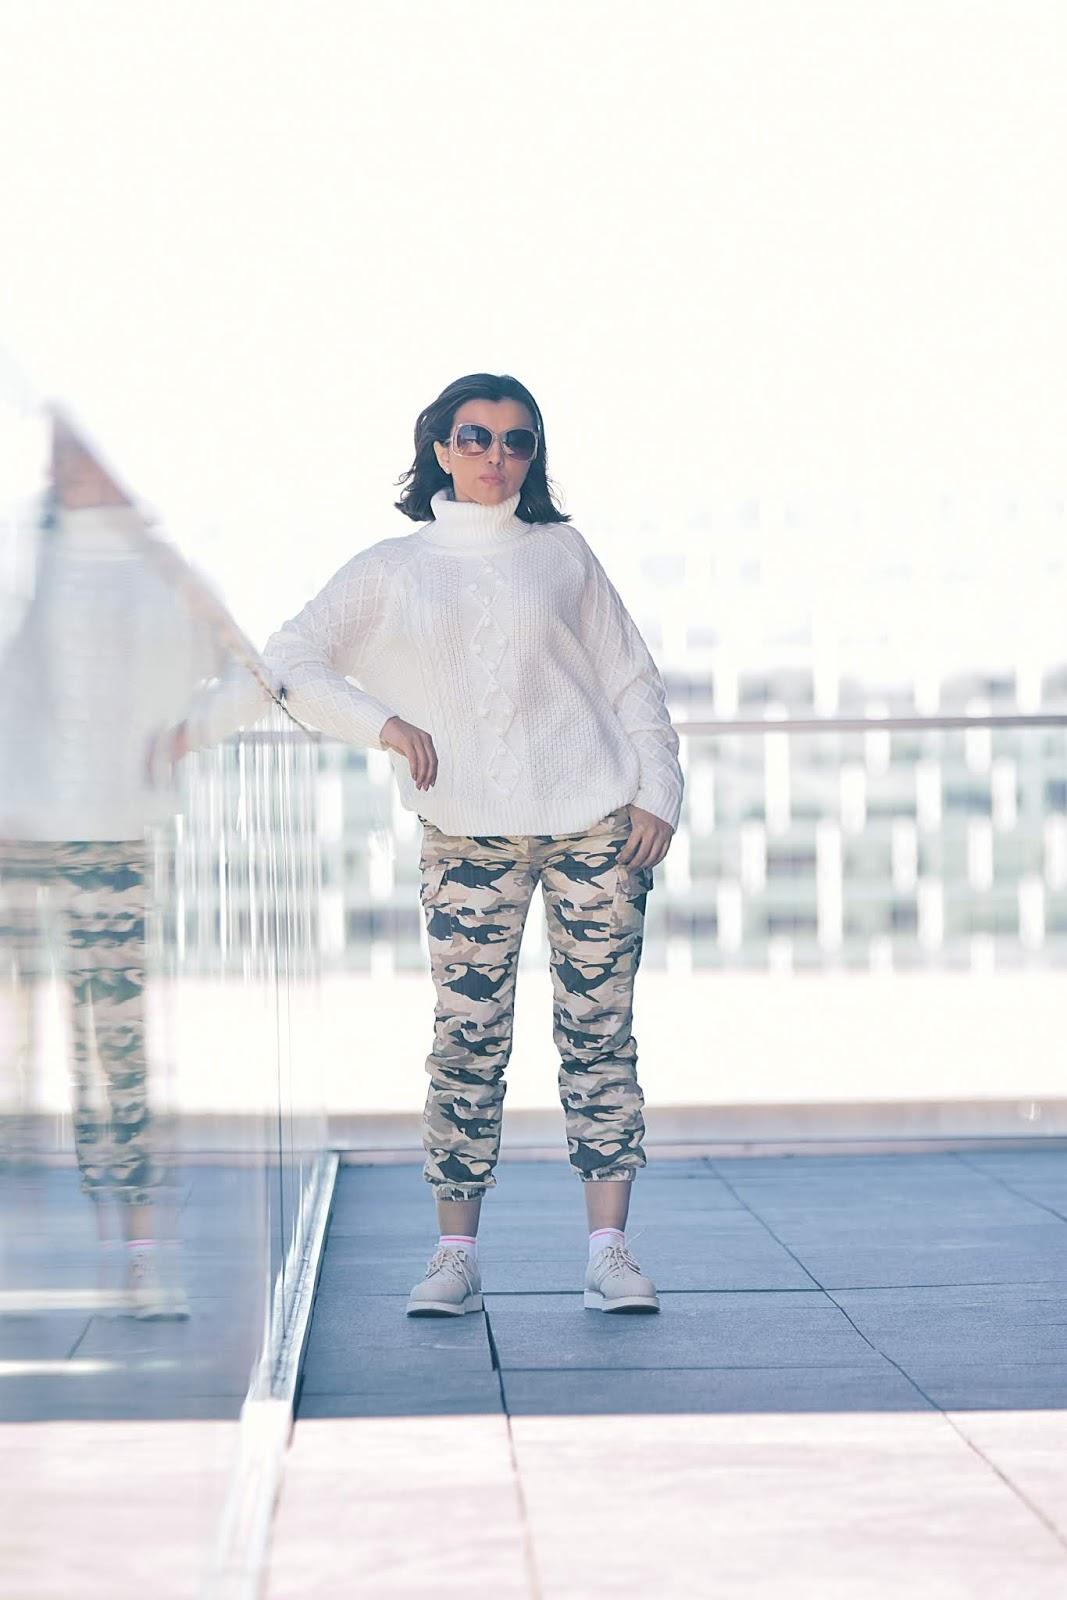 Cómo Combinar Pantalones Camo by Mari Estilo-dcblogger-camopants-whitesweater-sheingals-luxegal-